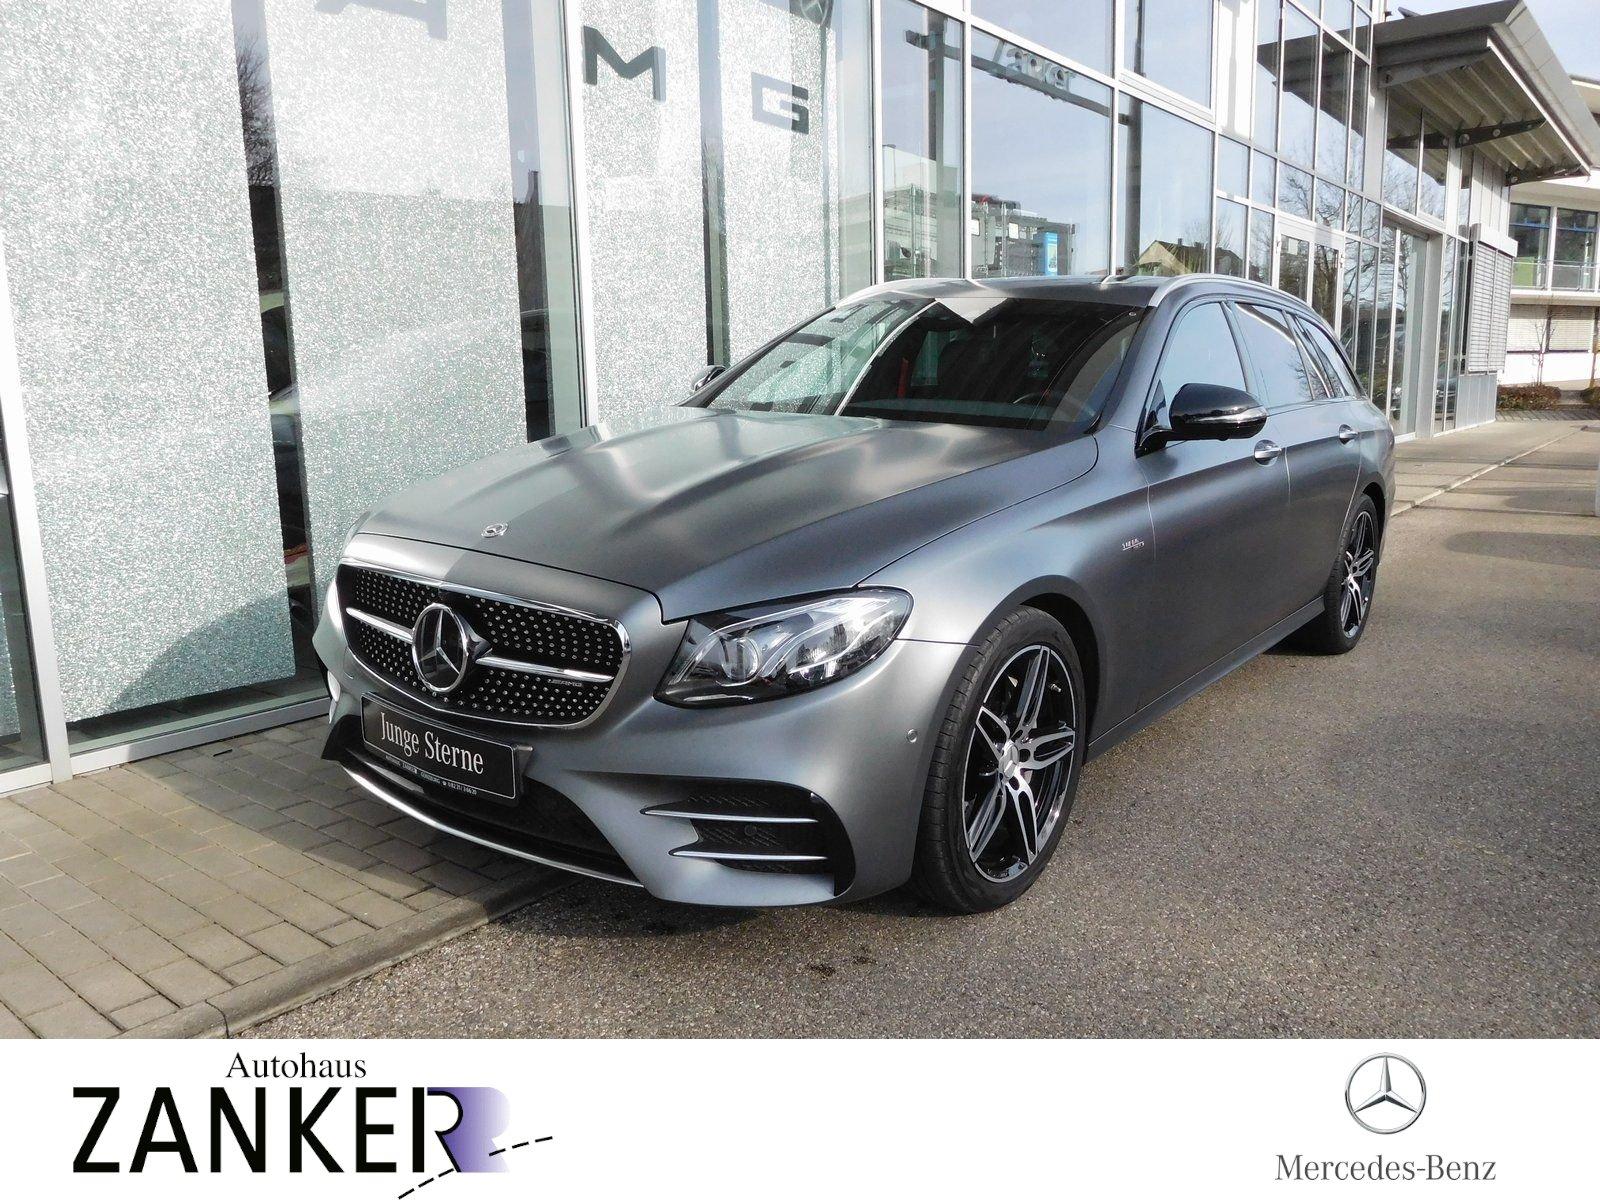 Mercedes-Benz Mercedes-AMG E 53 T 4M+ *AHK*LED*COMAND*KEYLESS*, Jahr 2019, Benzin